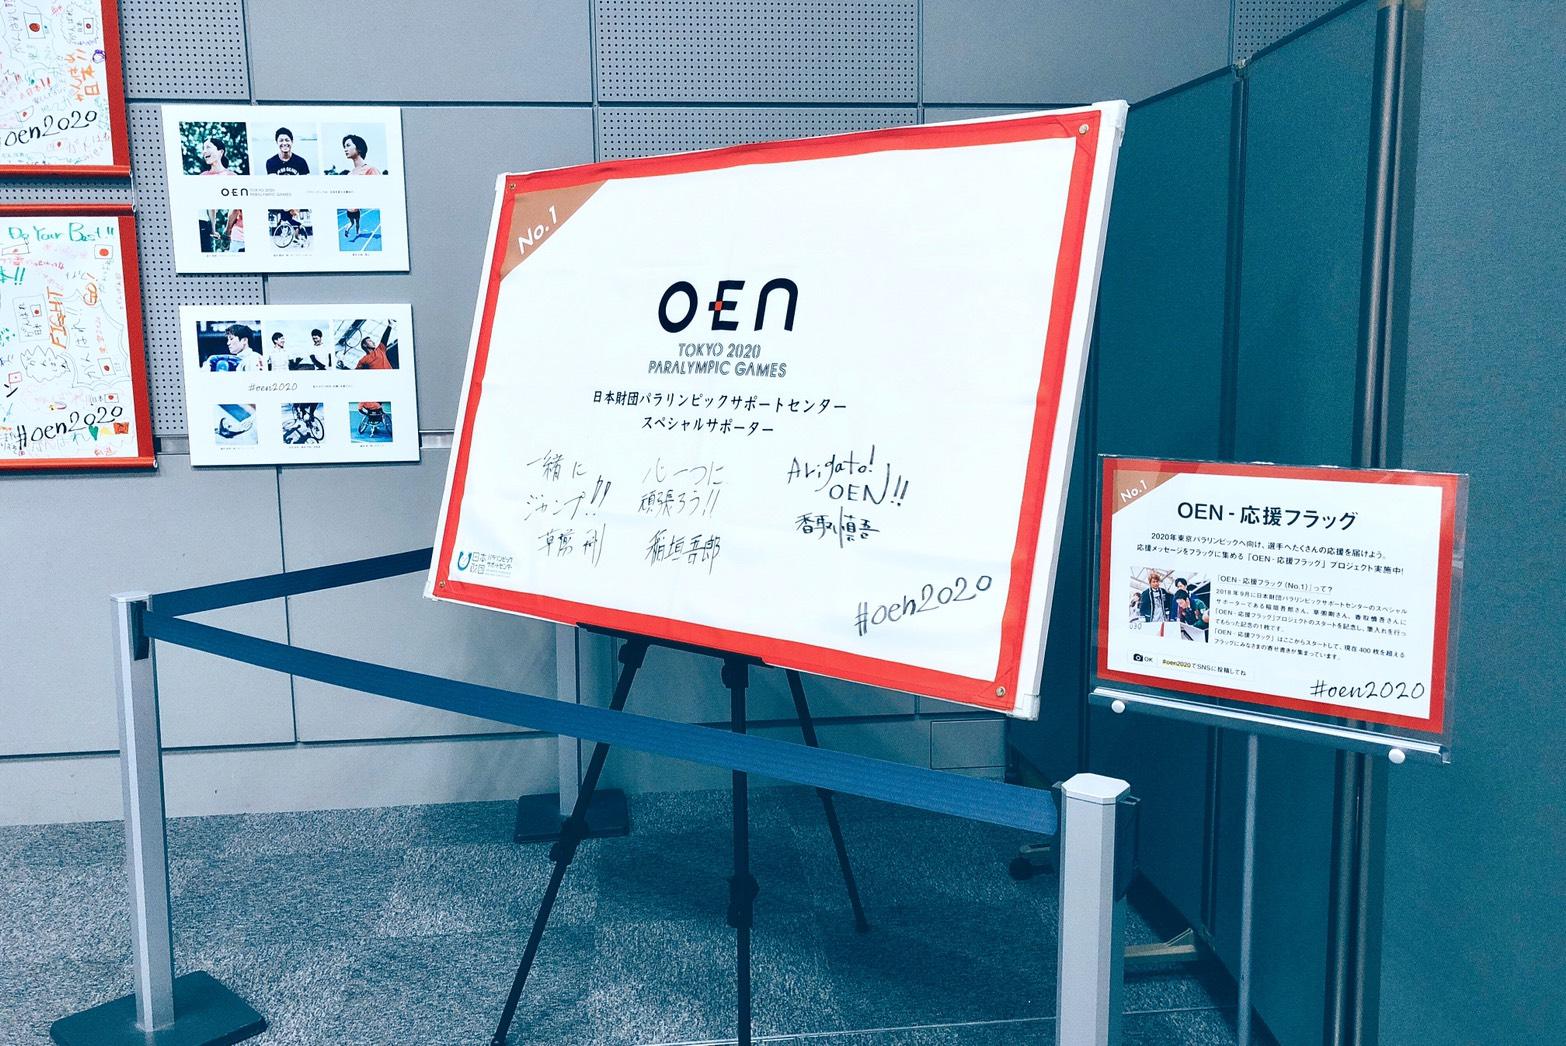 パラサポのスペシャルサポーター稲垣吾郎さん、草彅剛さん、香取慎吾さんが筆入れした「OEN-応援フラッグ(No.1)」も展示